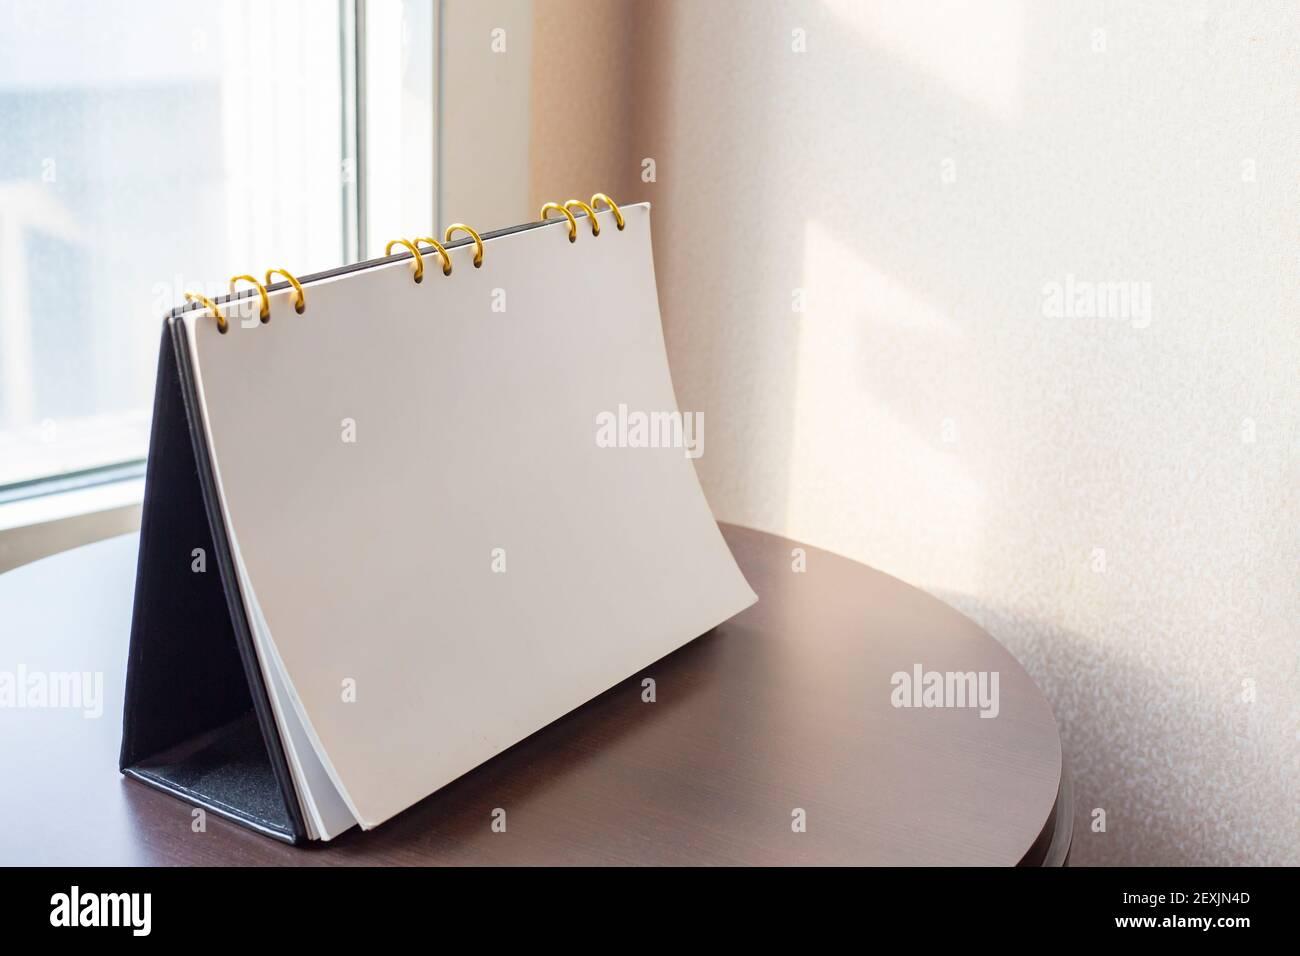 Schreibtisch Kalender Tagebuch auf Hotel Bürotisch mit Jahr 2021 Arbeitsplatz. Planung Terminkalender, Veranstaltung, Organisator des Plans 2020 bis 2022. Termin, o Stockfoto